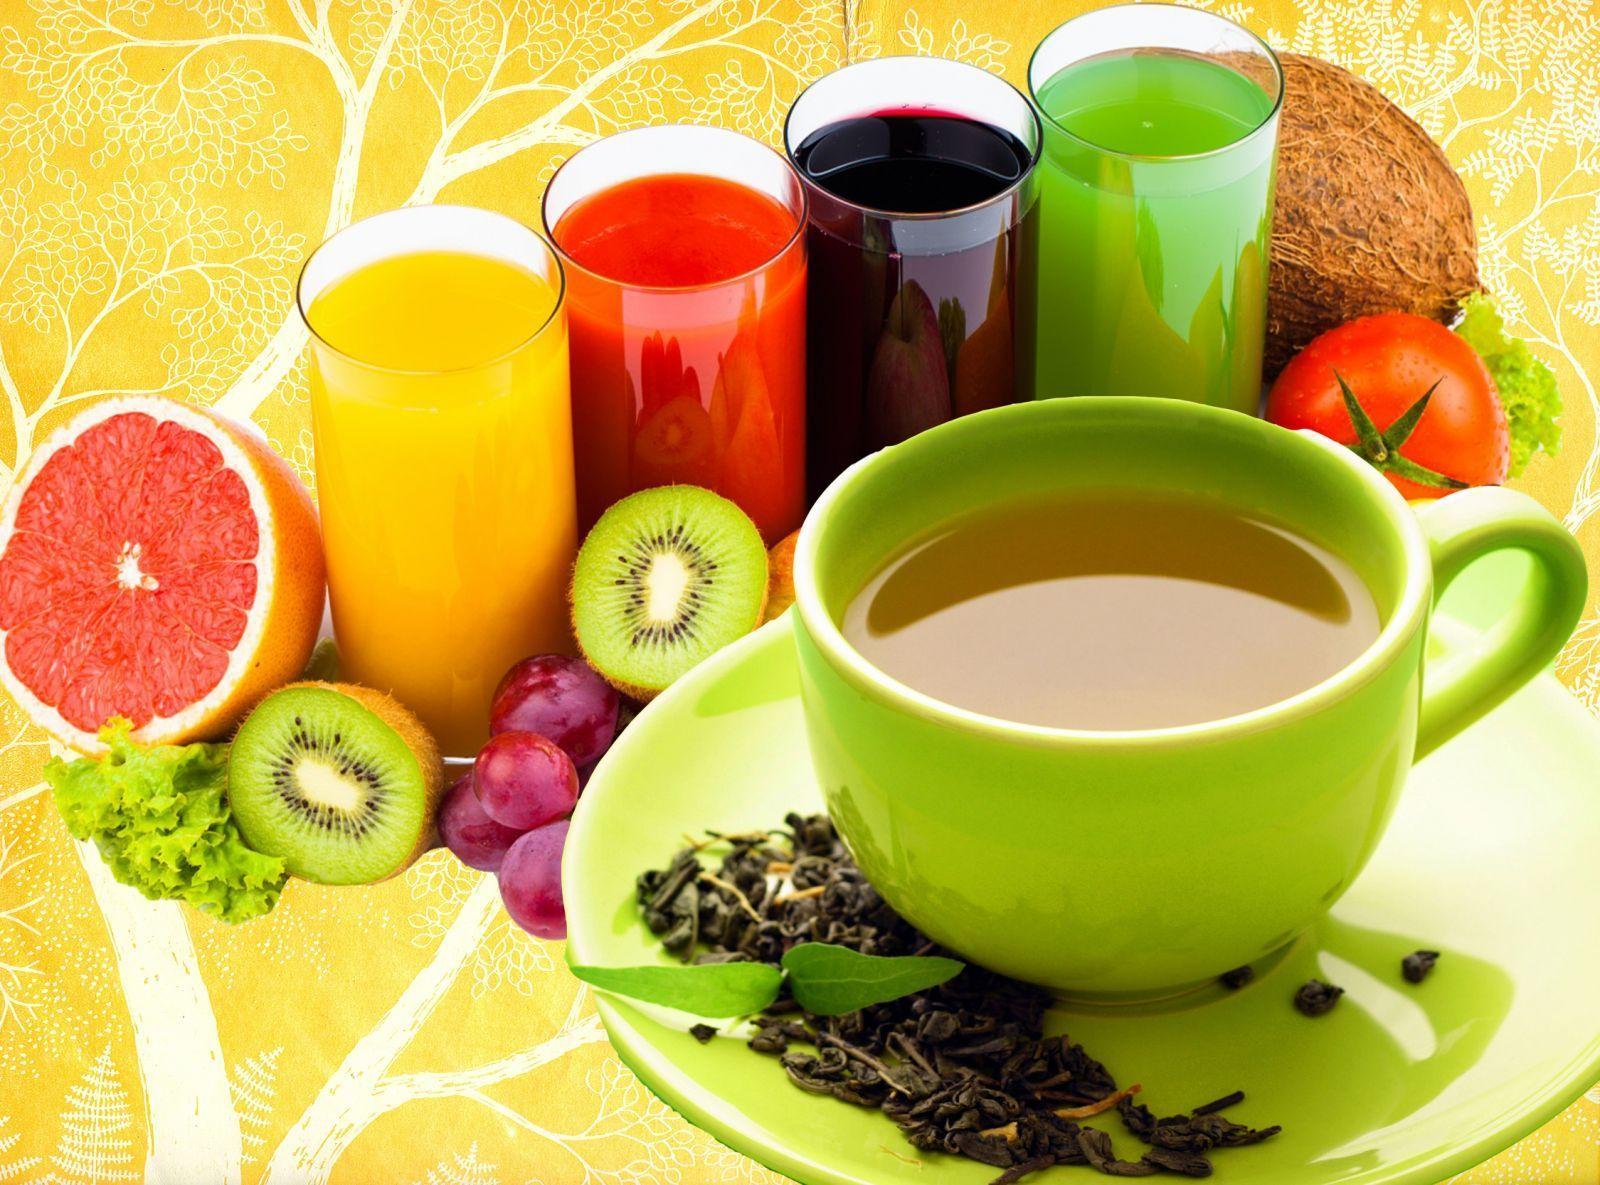 чай и свежевыжетые соки